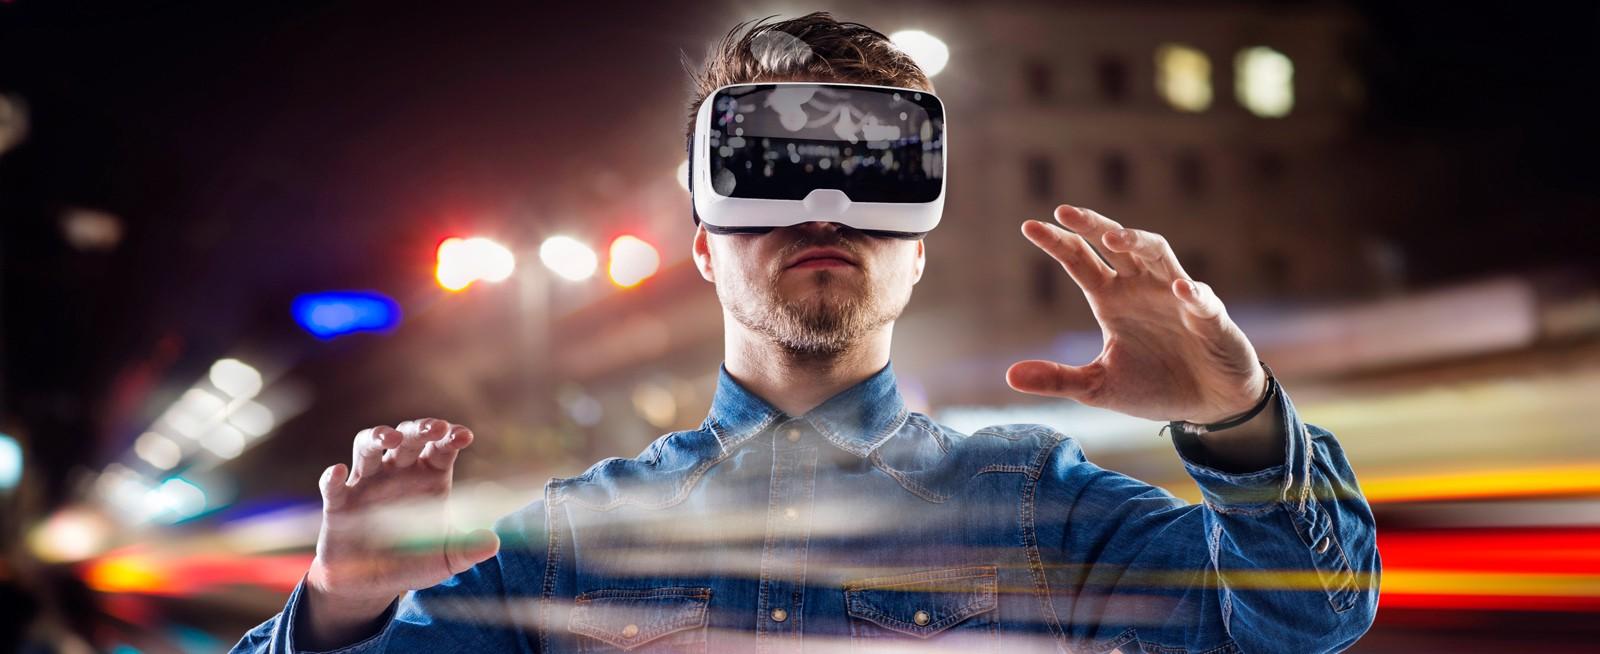 搜狐5G峰会 | 不仅是快!5G给VR带来的更多可能